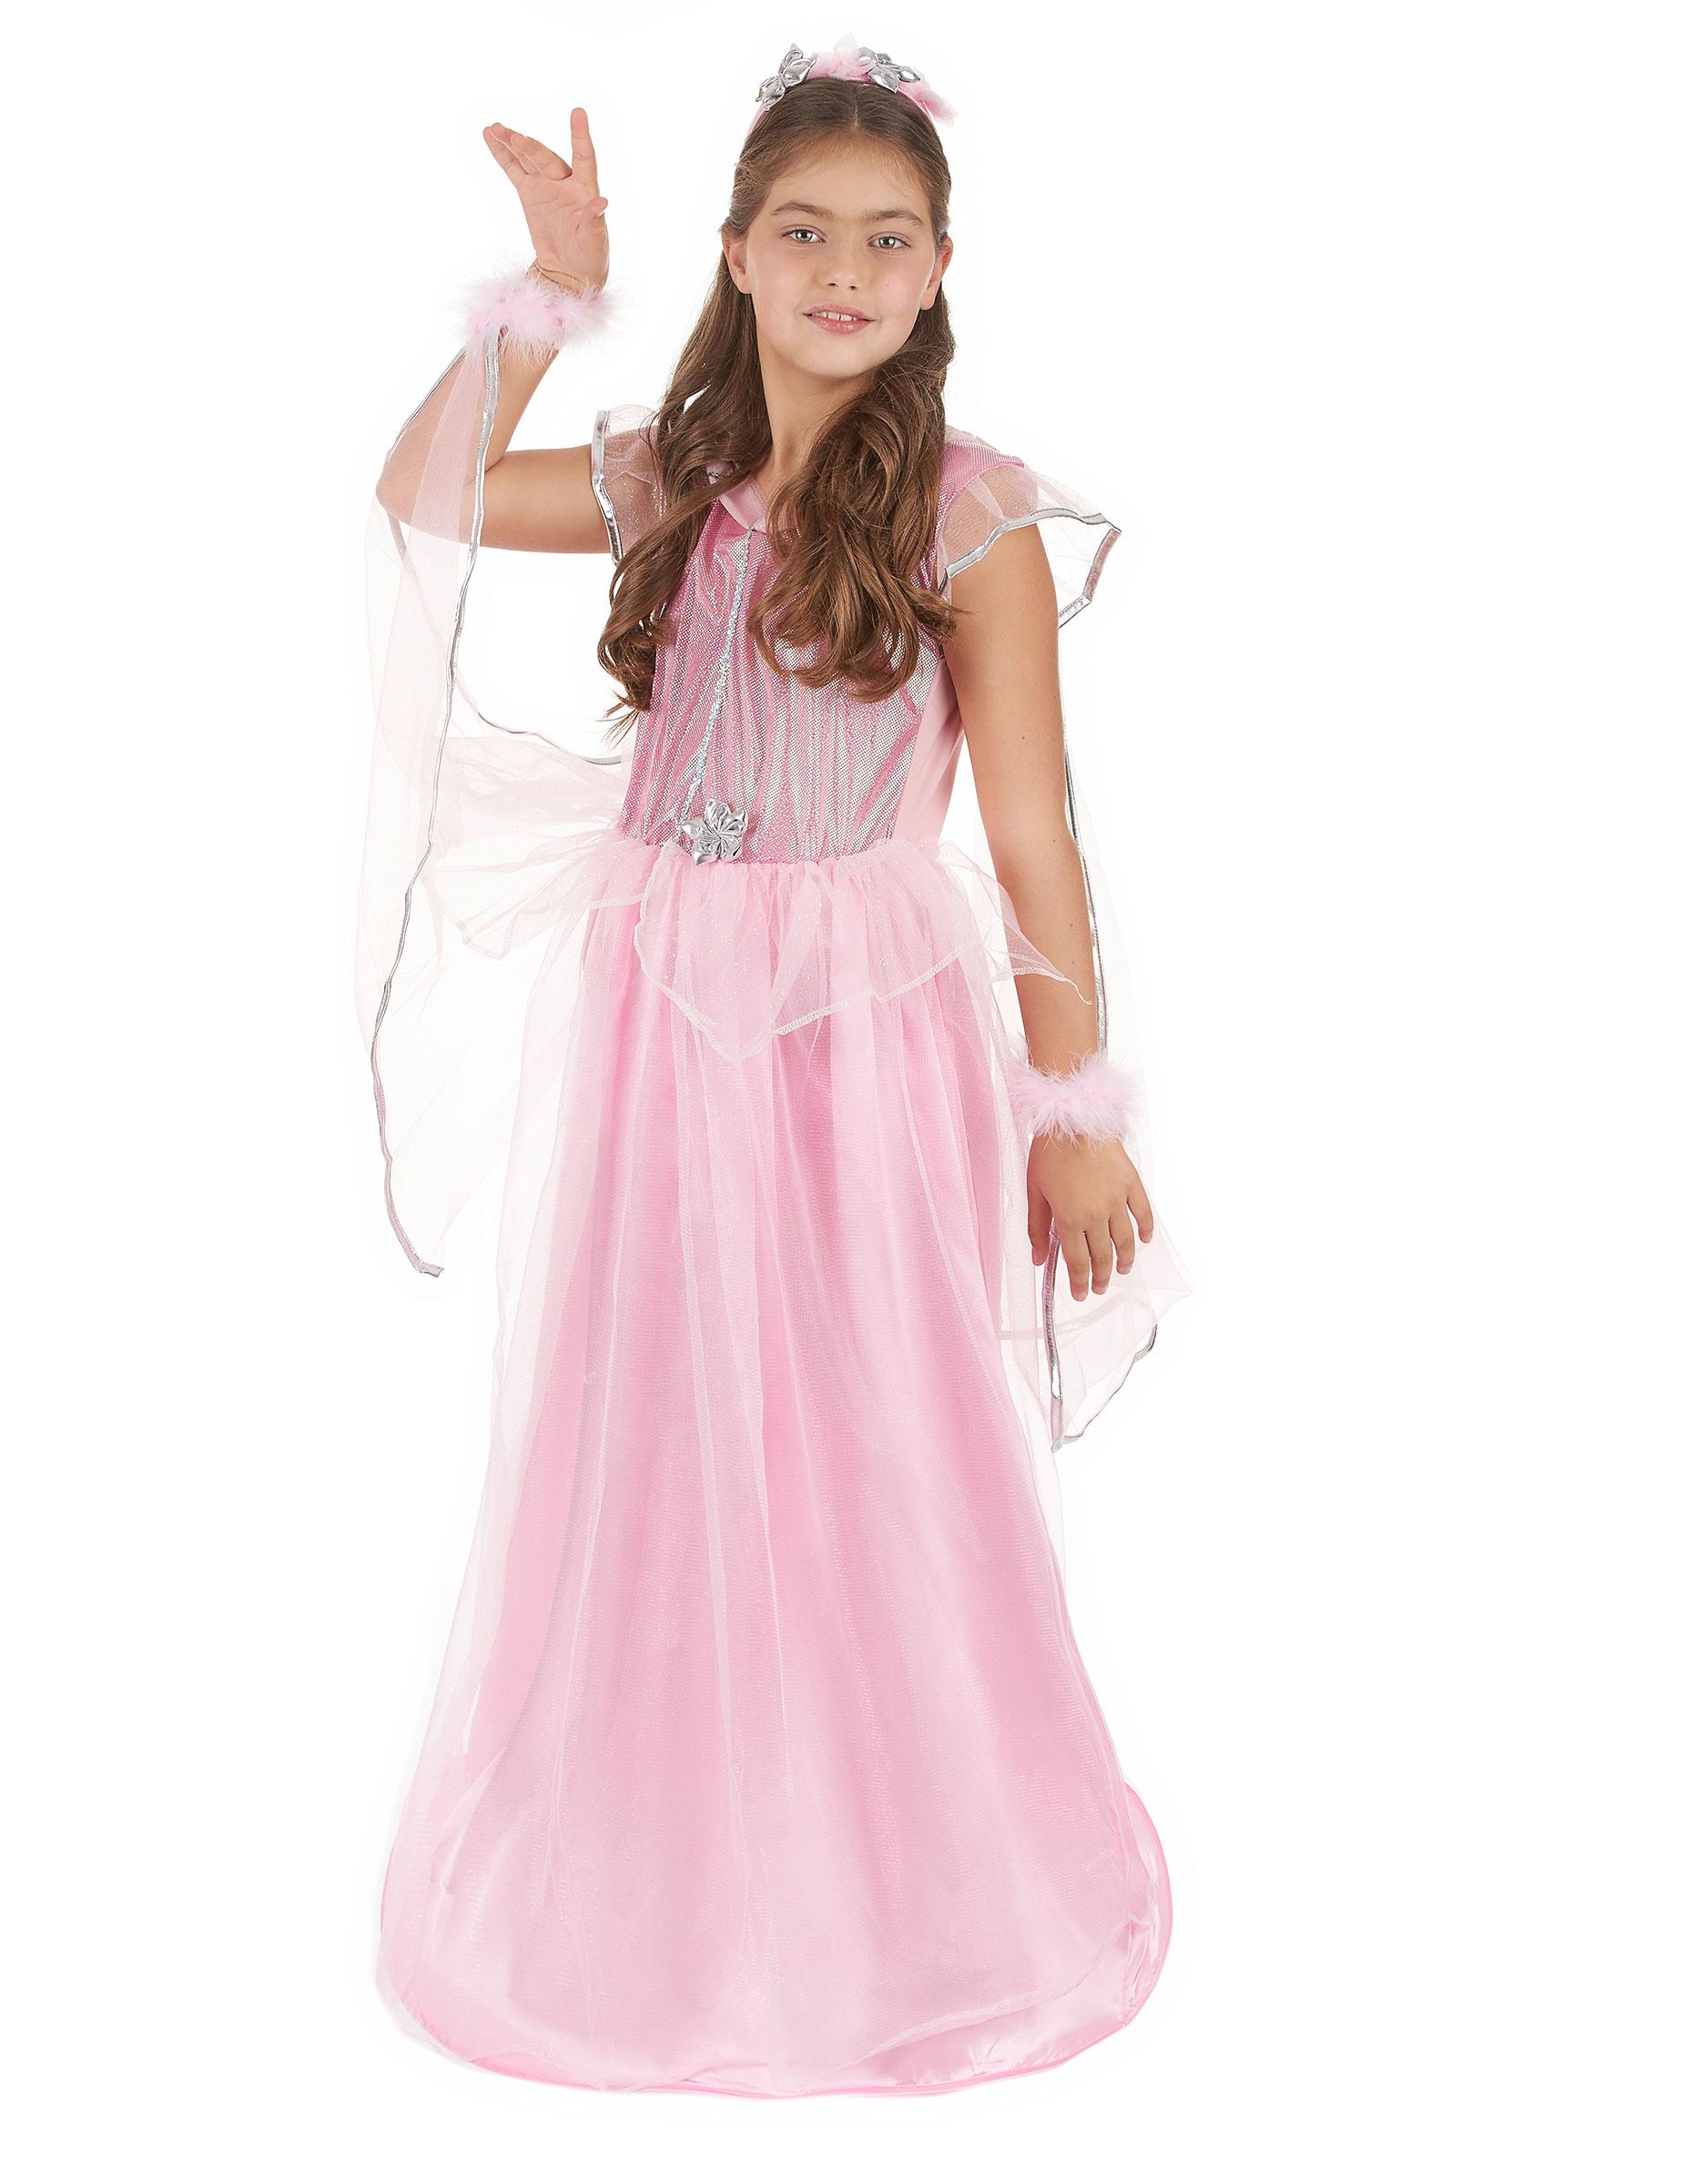 Deguisement princesse pas cher - Deguisement batman adulte pas cher ...